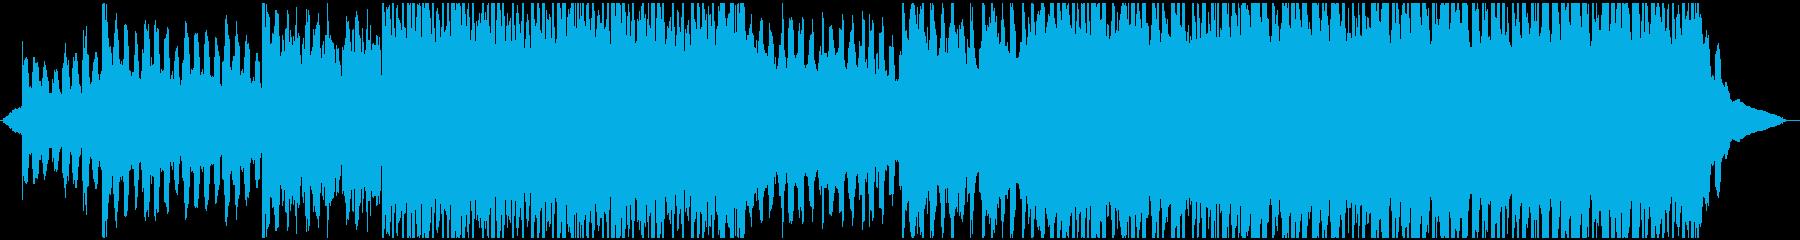 ゆったり楽し気なコーポレート系BGMの再生済みの波形